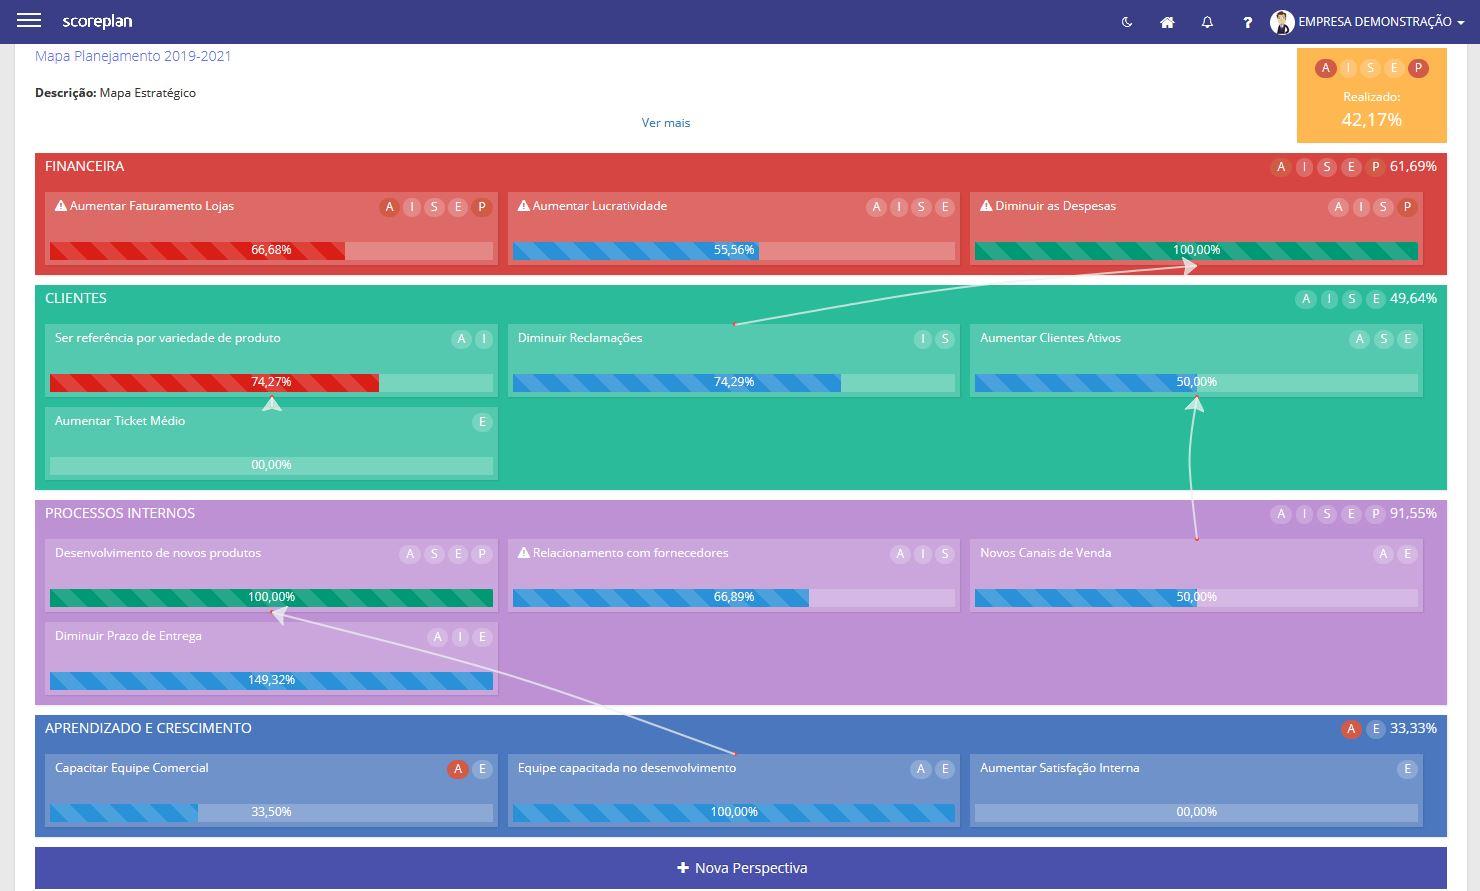 Scoreplan strategic map